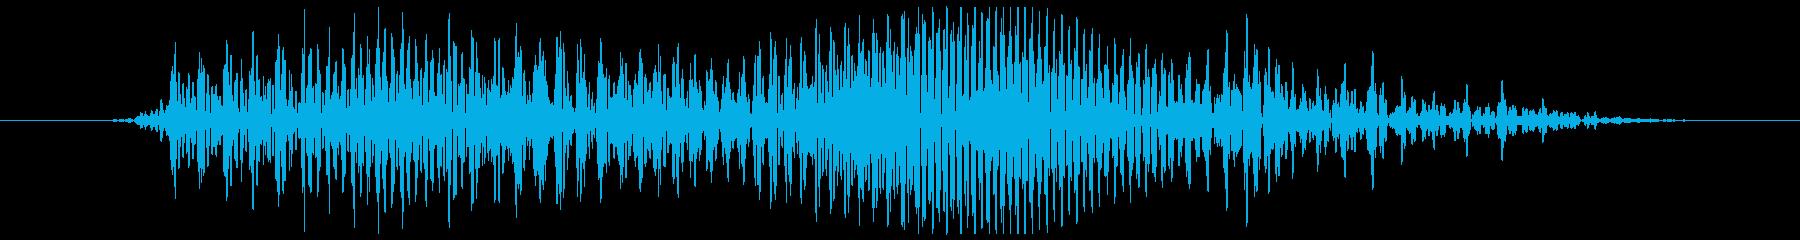 土曜の再生済みの波形